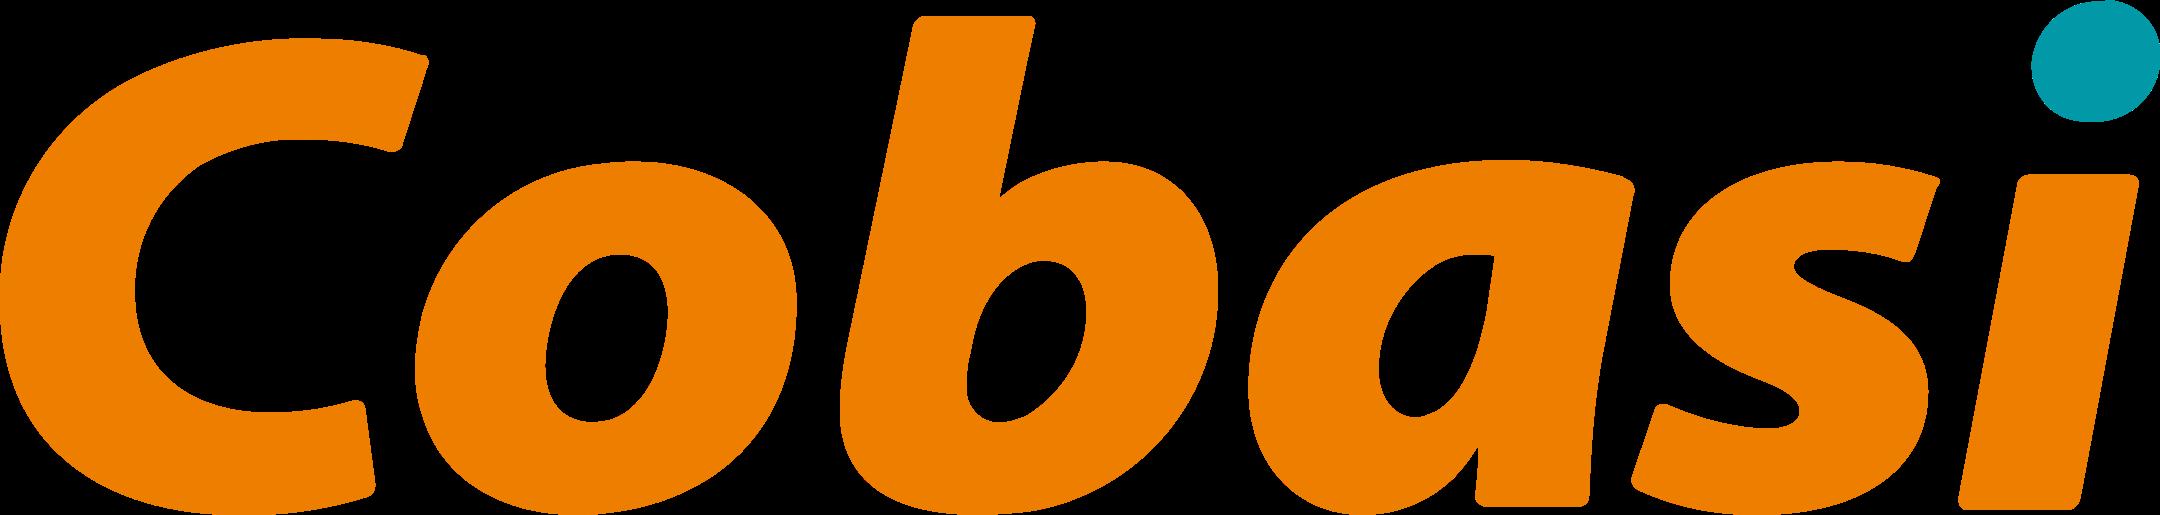 cobasi logo 1 - Cobasi Logo